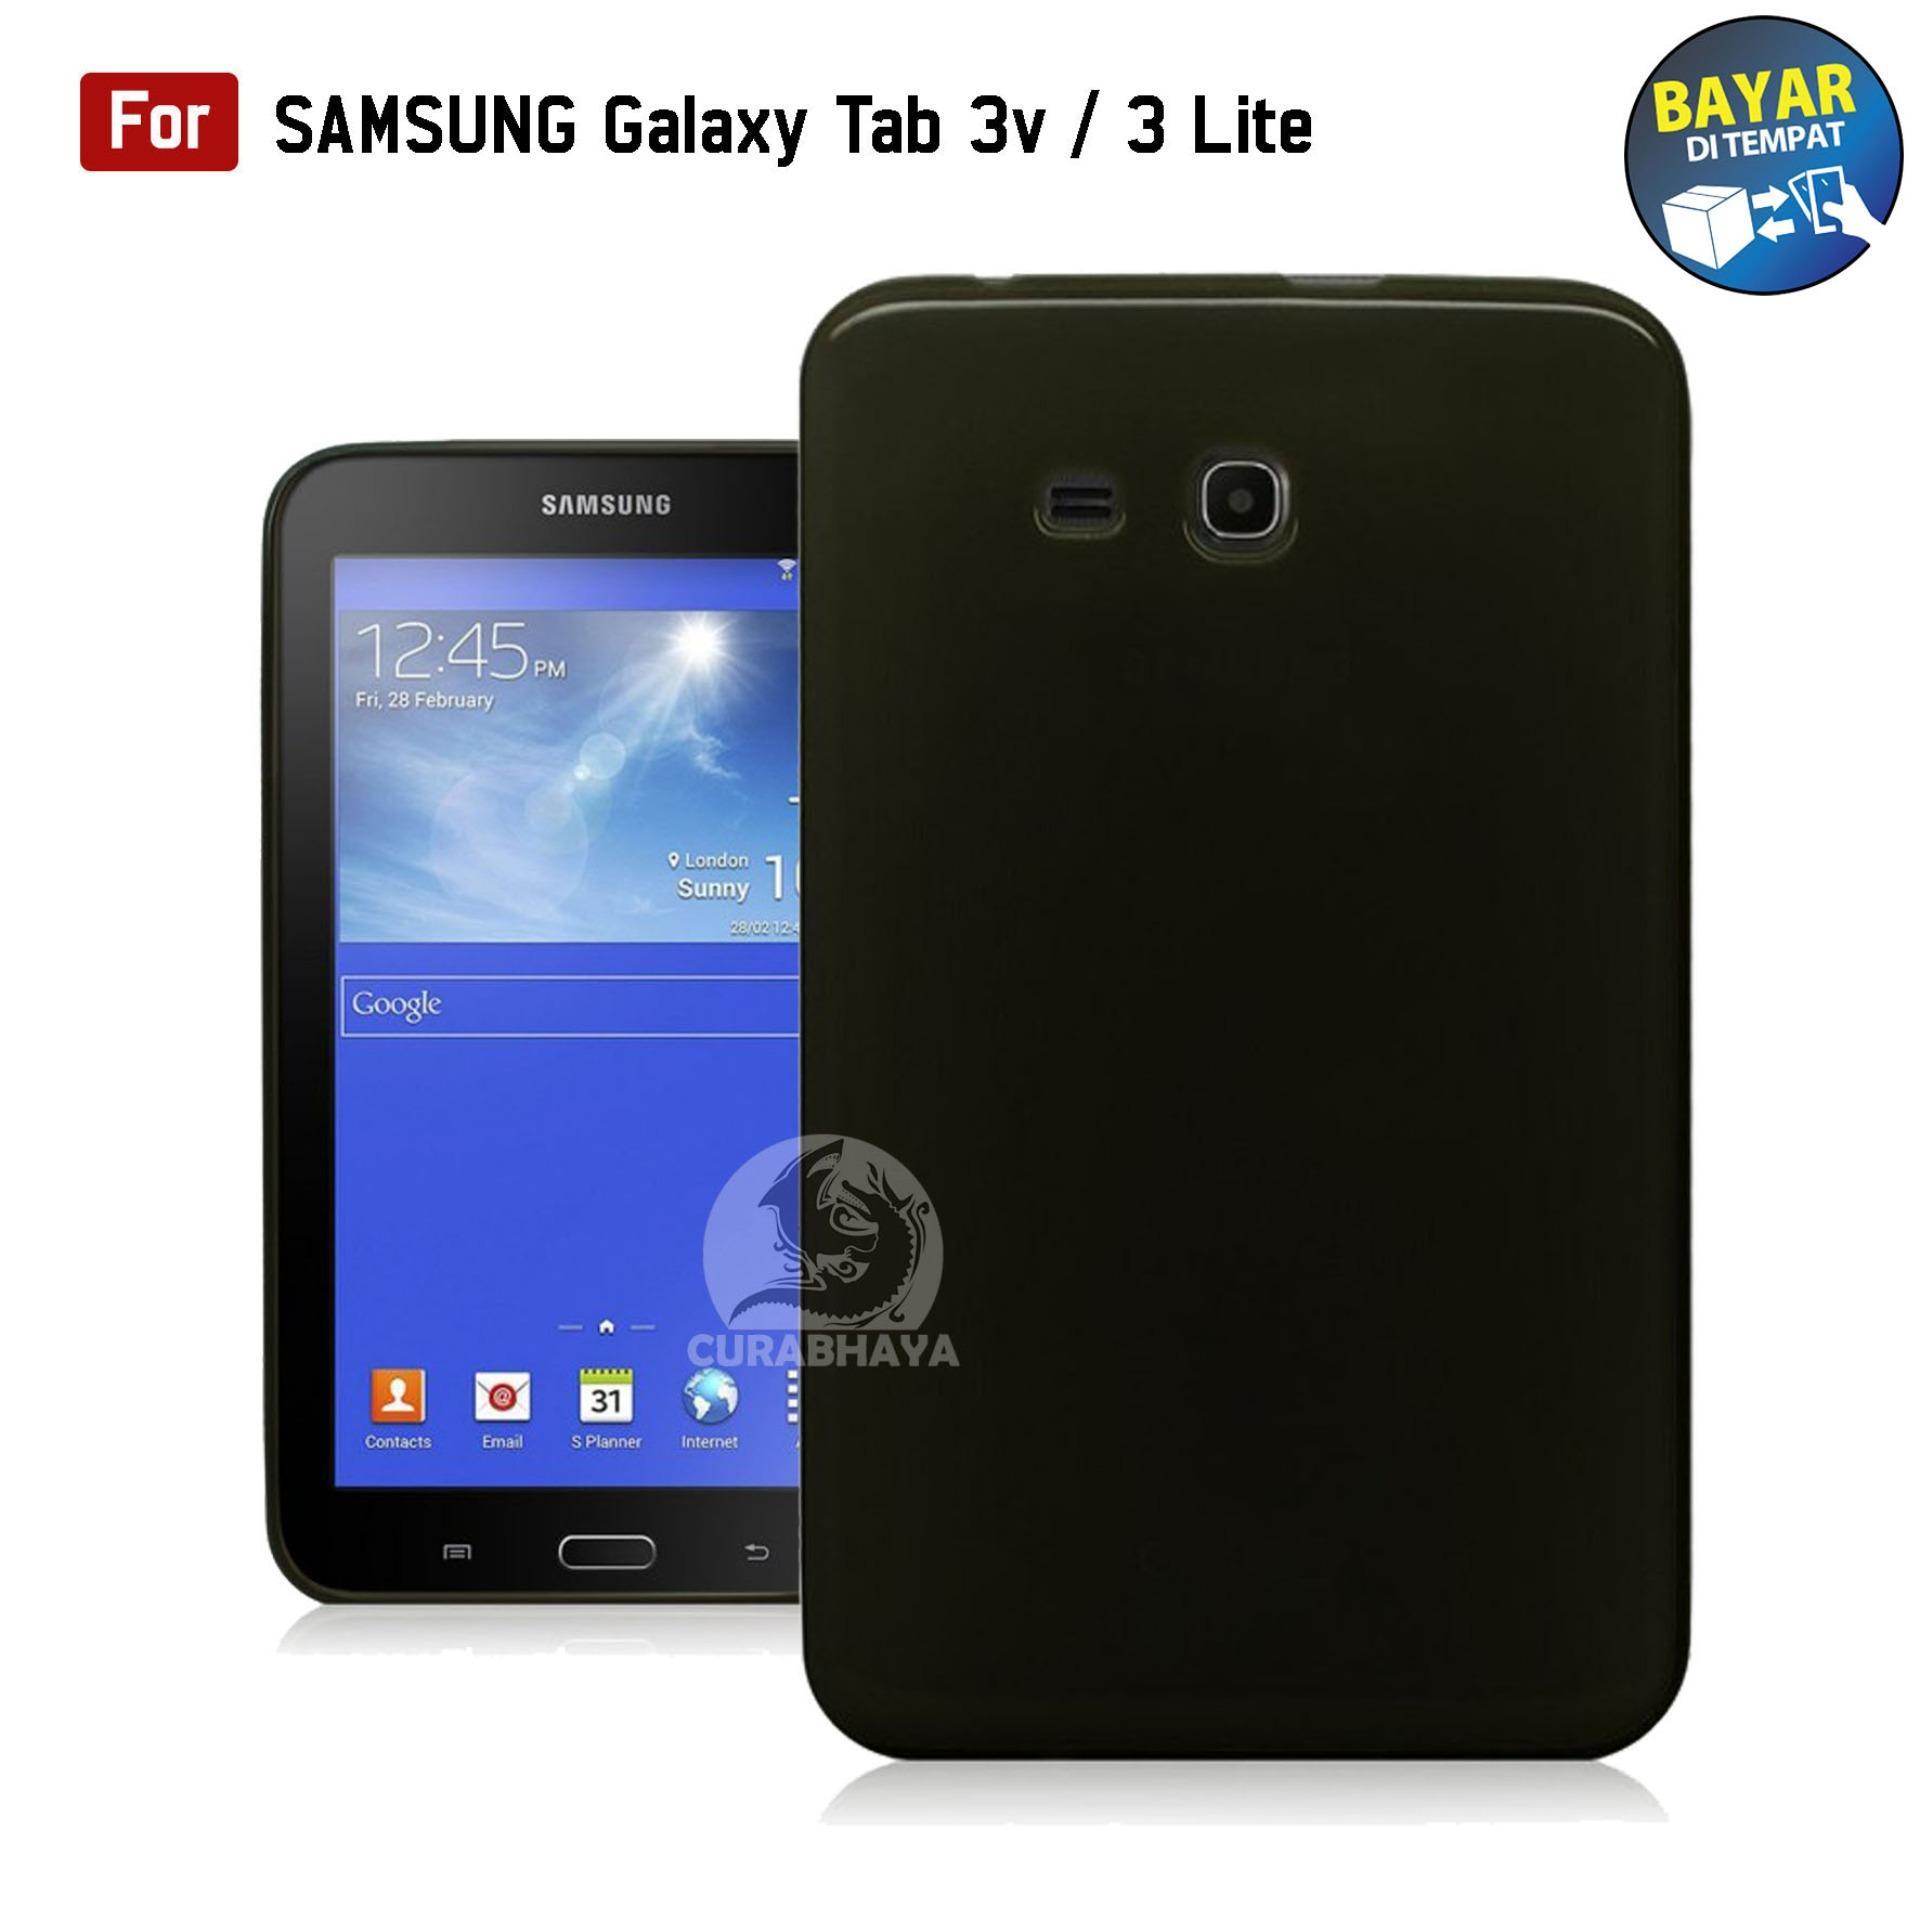 MidNight Samsung Galaxy Tablet Tab 3v / 3 Lite 7.0